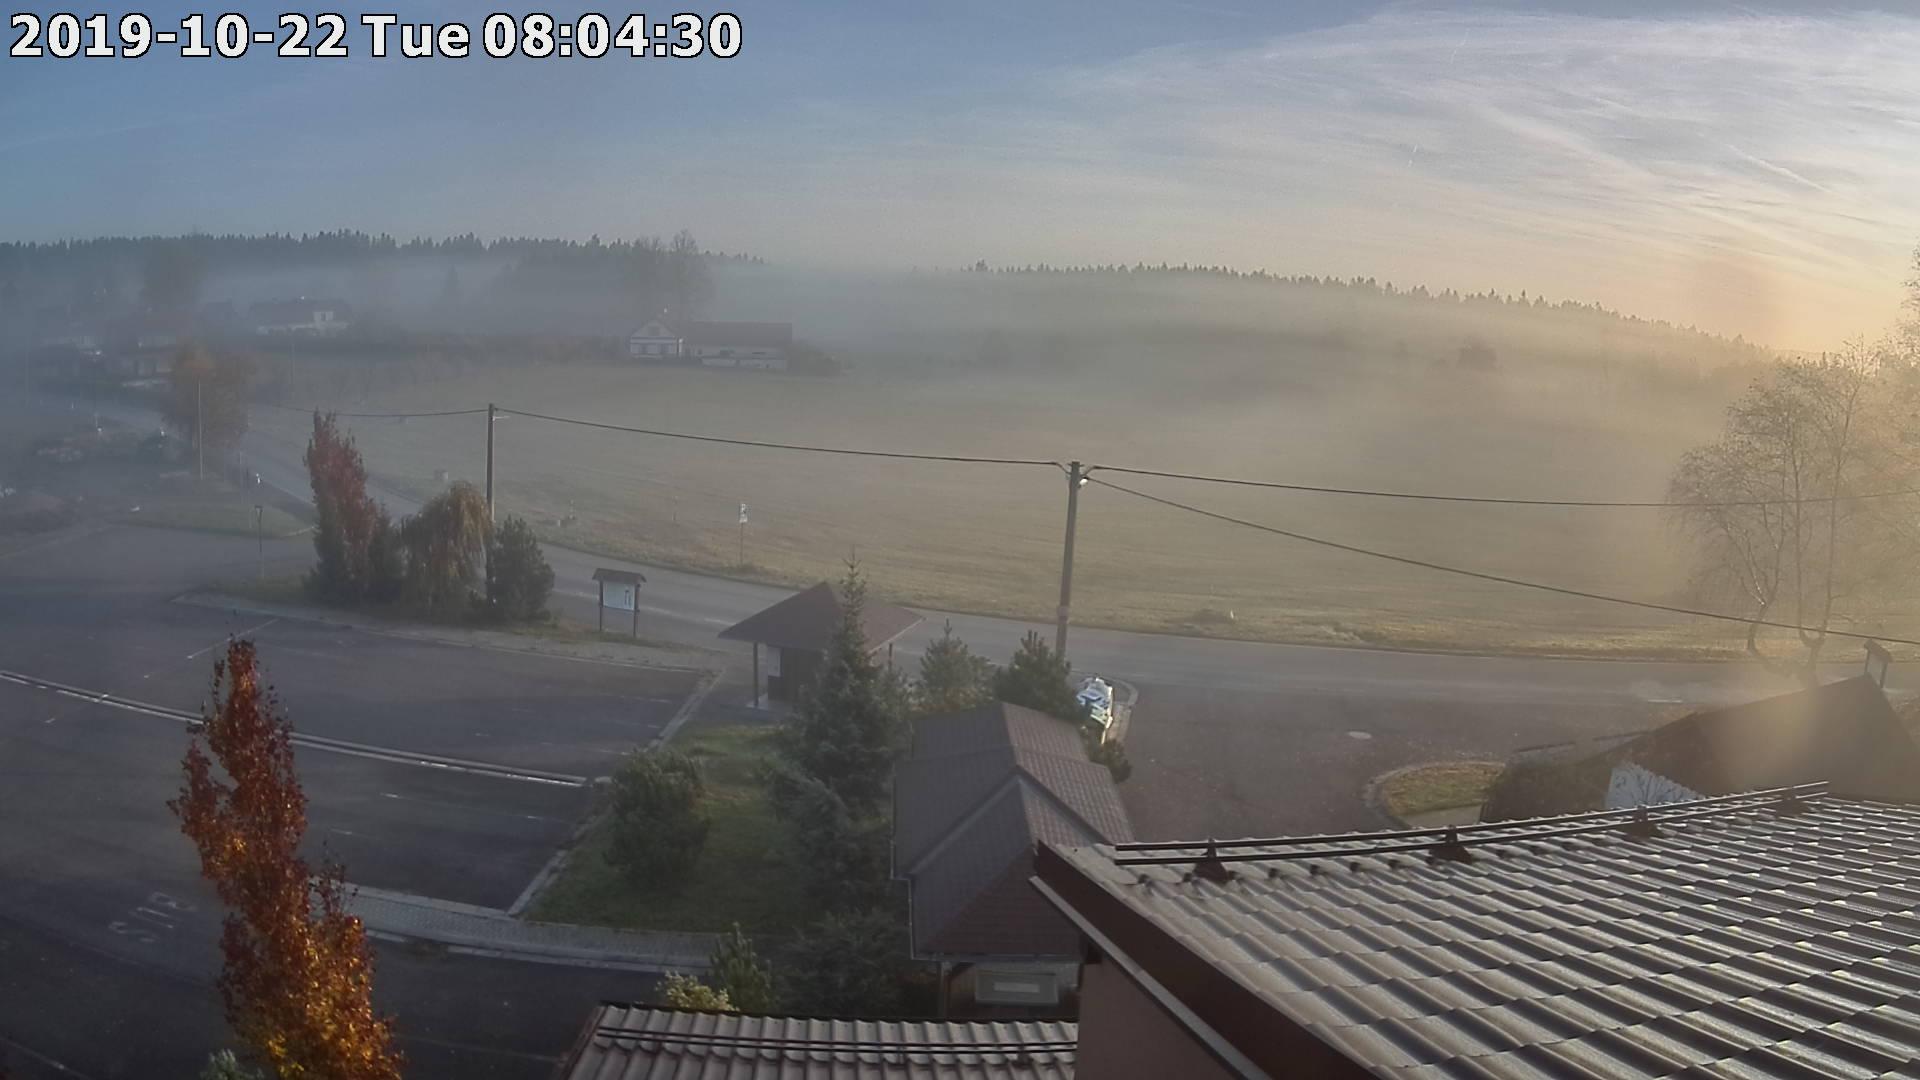 Webkamera ze dne 2019-10-22